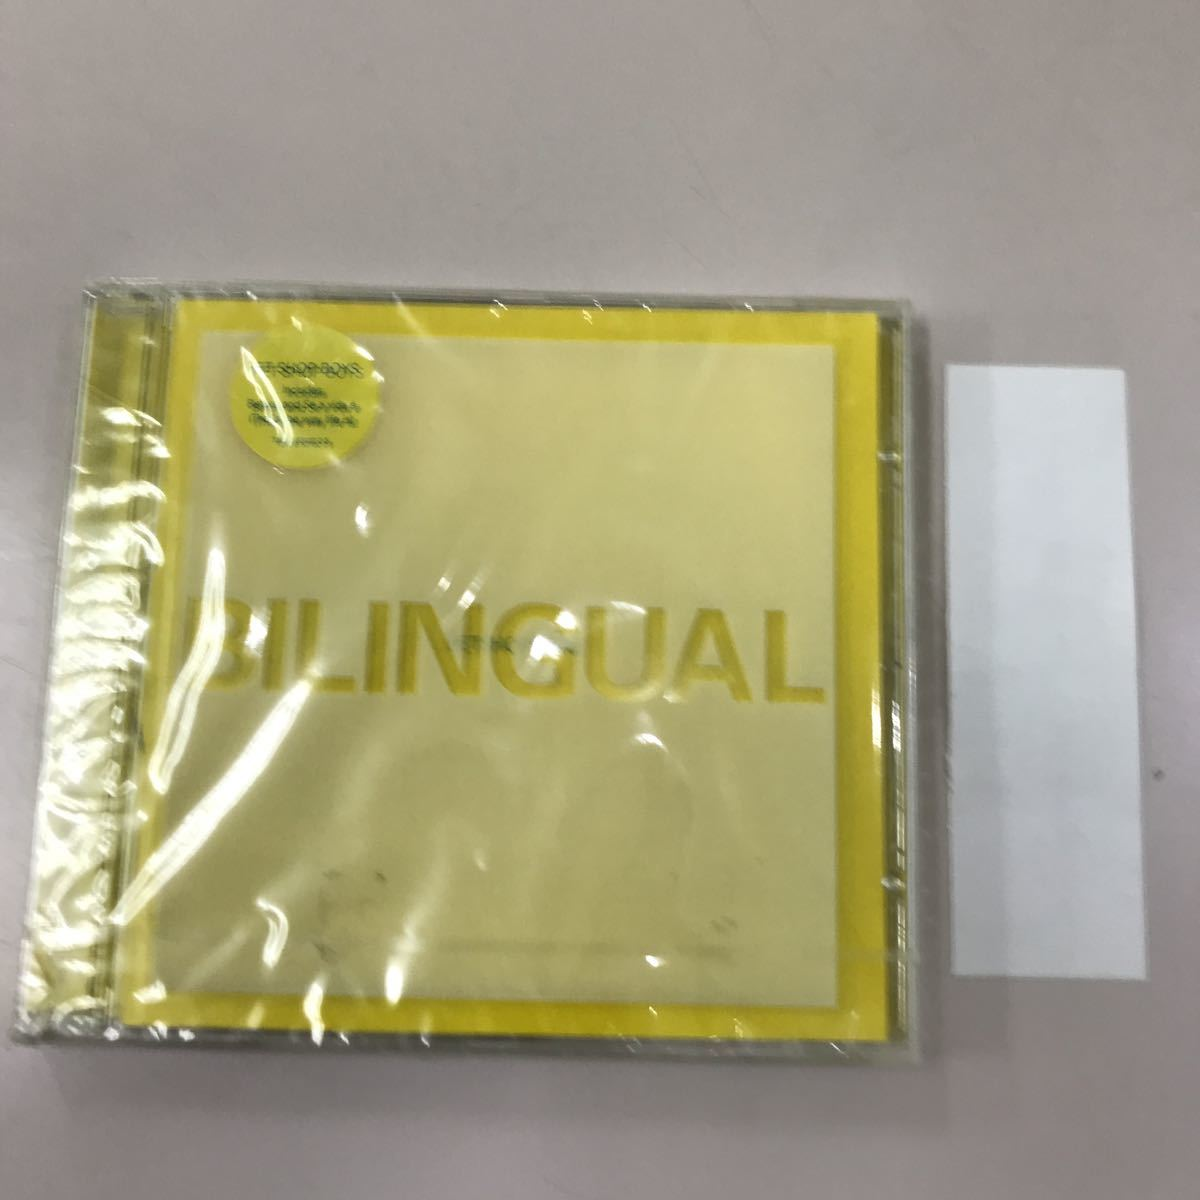 CD 輸入盤未開封【洋楽】長期保存品 BILNGUAL